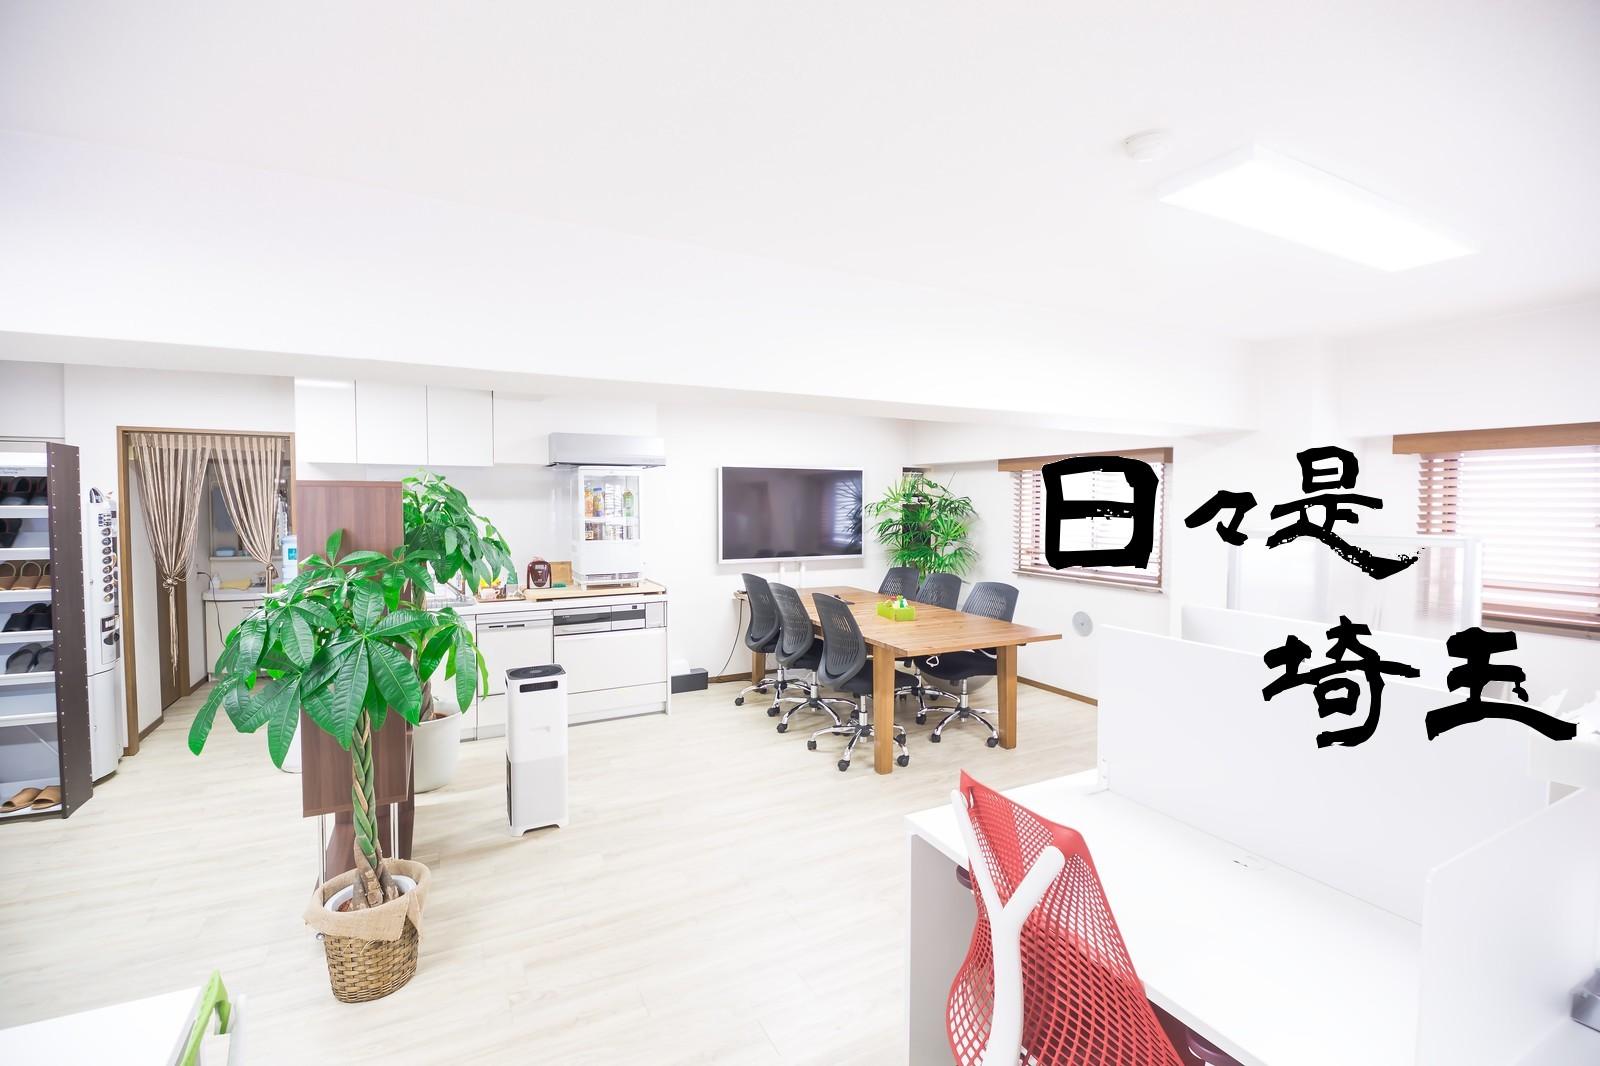 【日々是埼玉 2019/3/28】企業も移りたい埼玉 過去10年間転入超過数で全国トップ